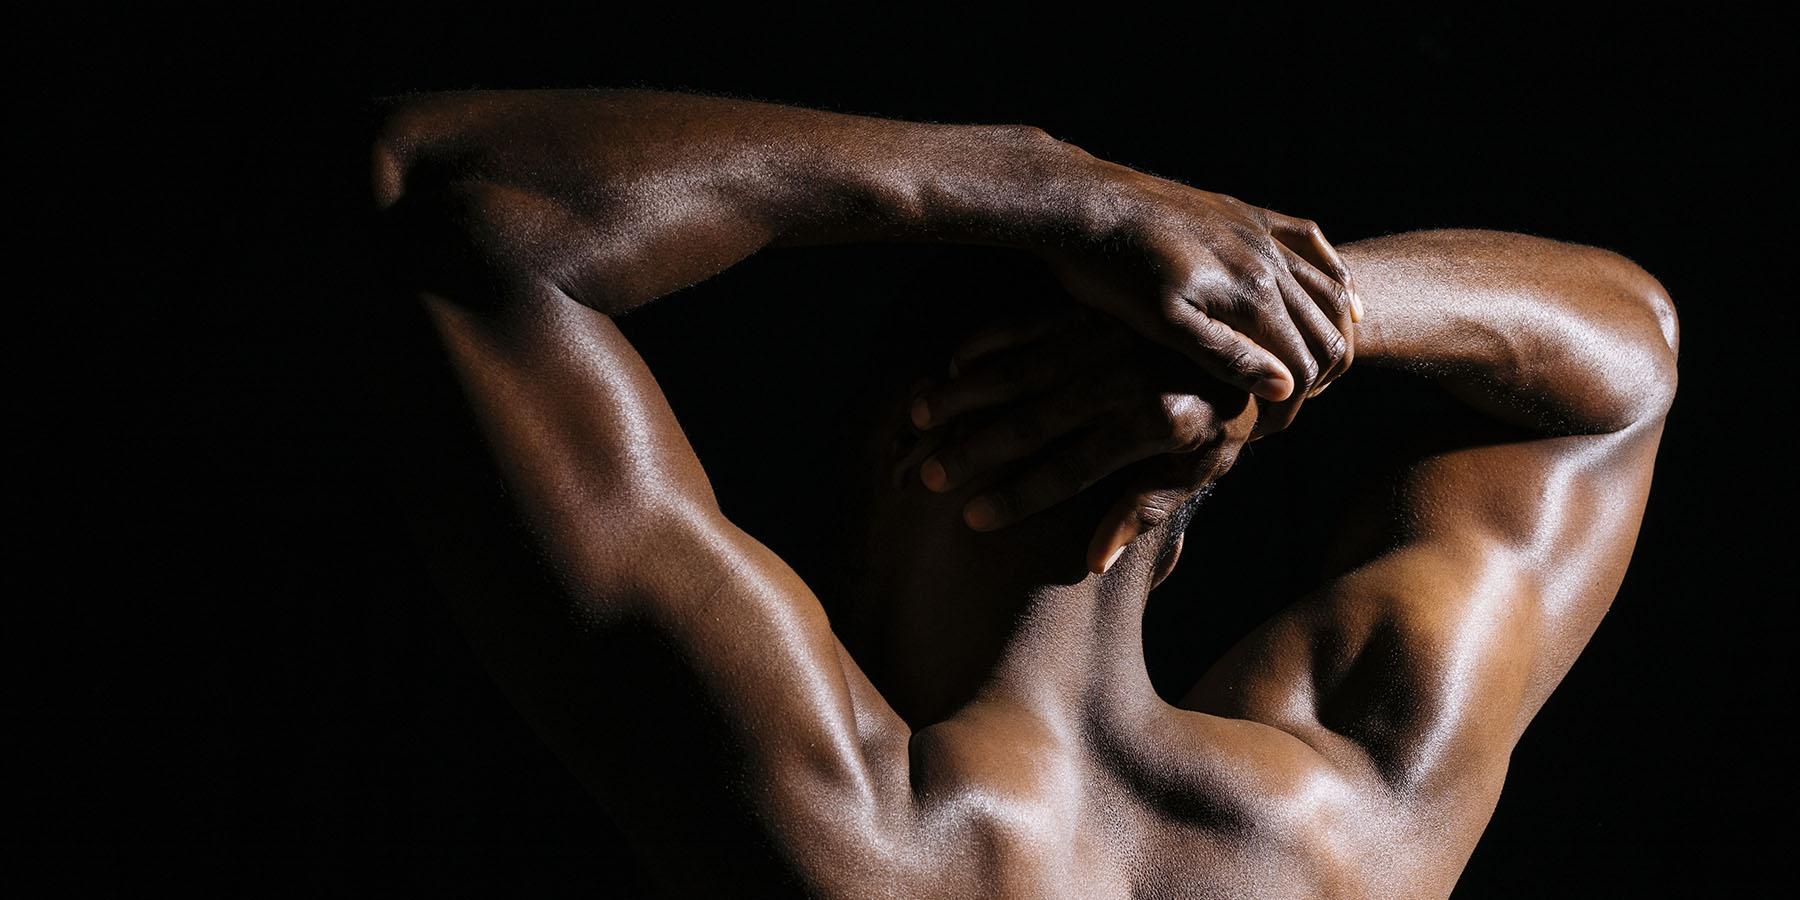 shoulder stretches after workout